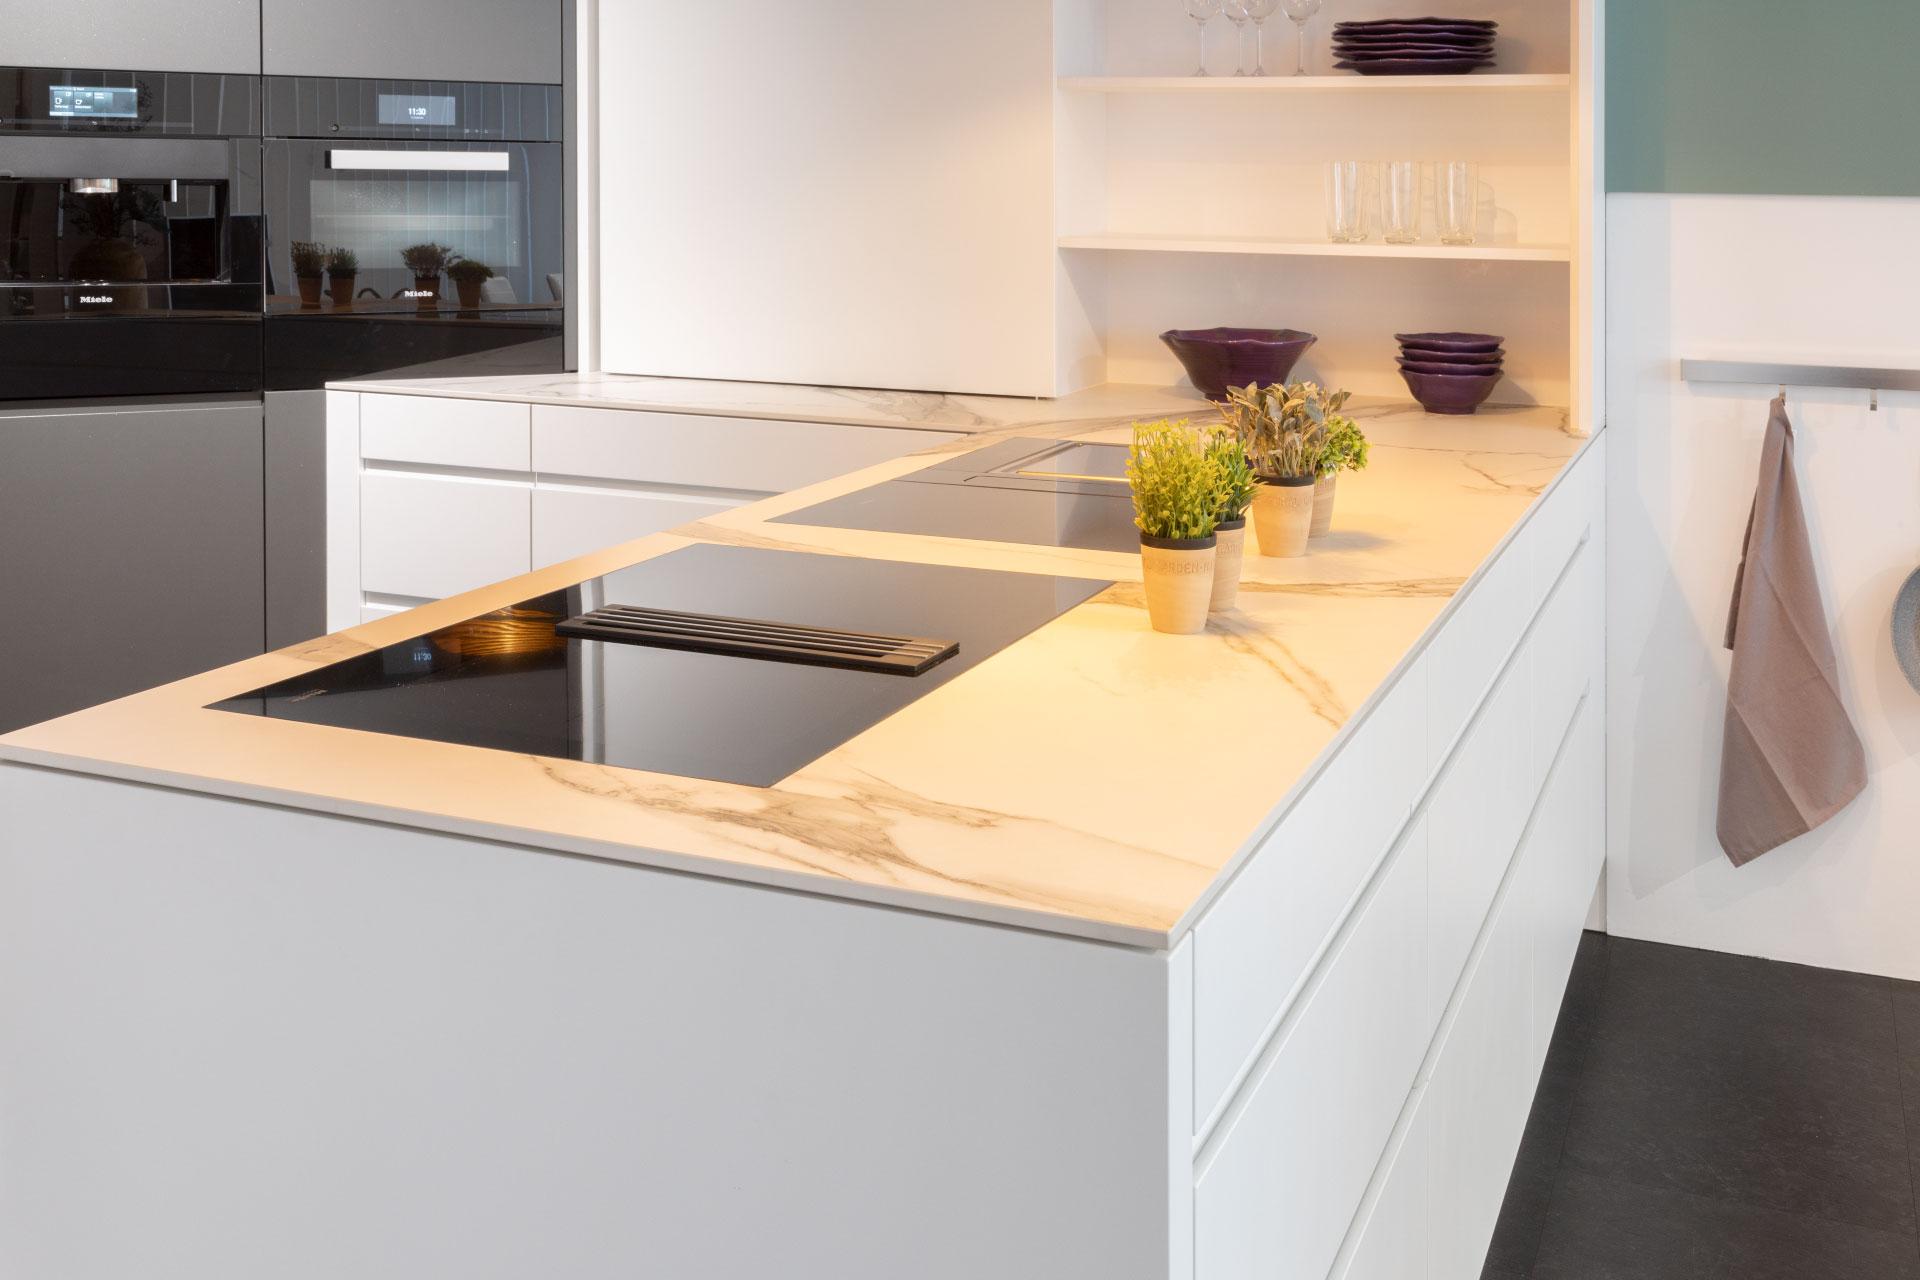 Küche aus Keramik Calacatta Statuario – CS Baupartner GmbH